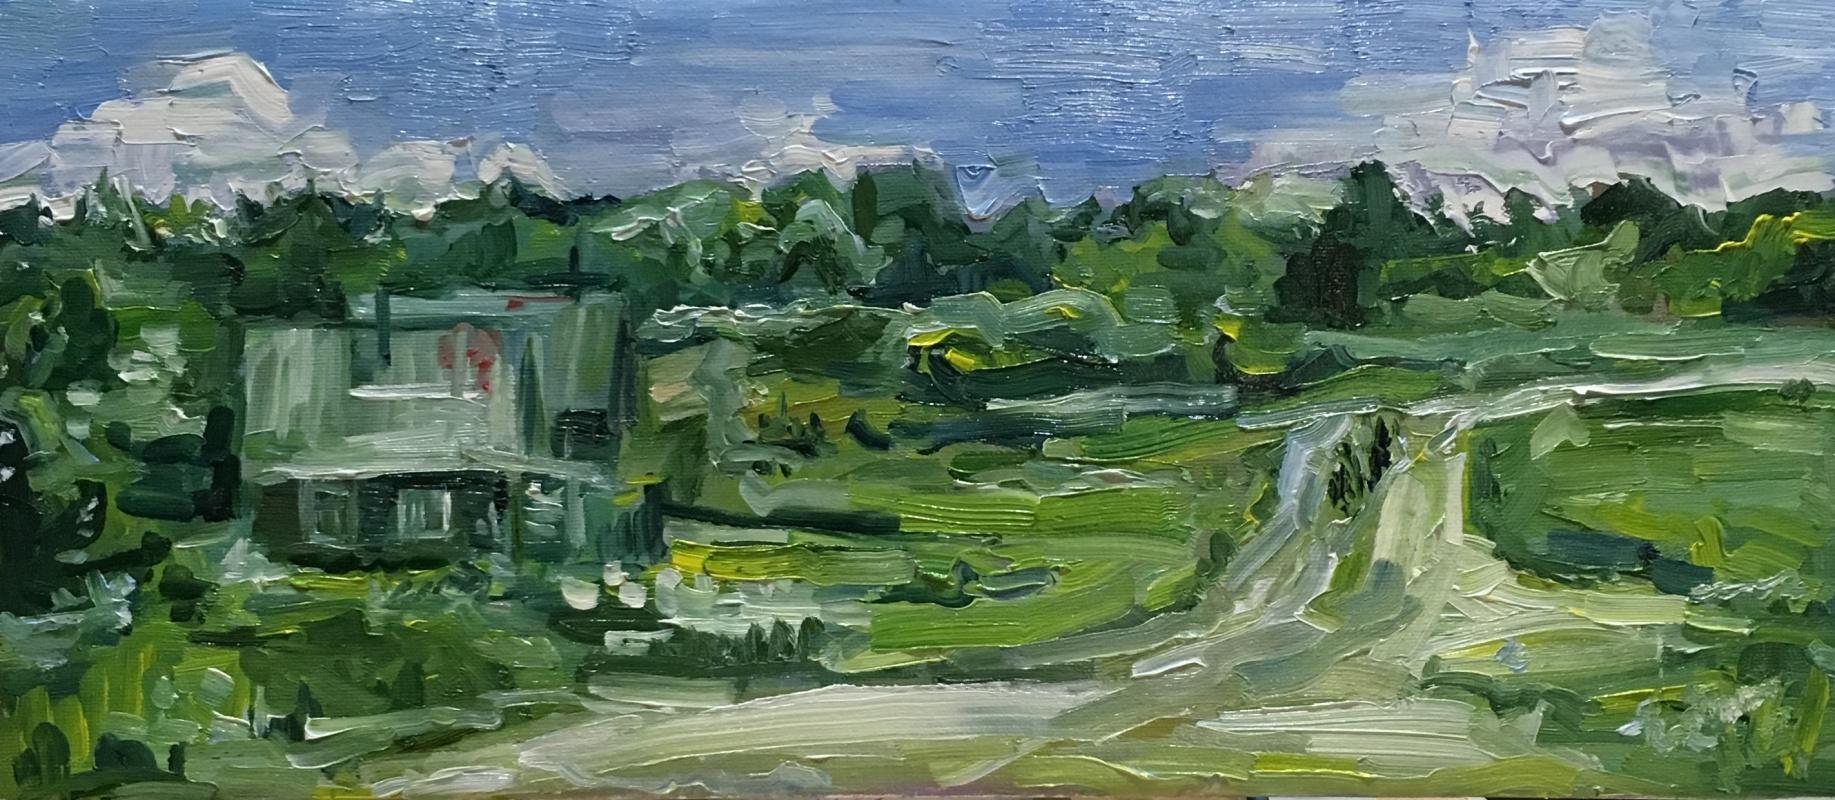 Vsevolod Chistyakov. Paintings To Buy In St. Petersburg Landscape Oil Paintings